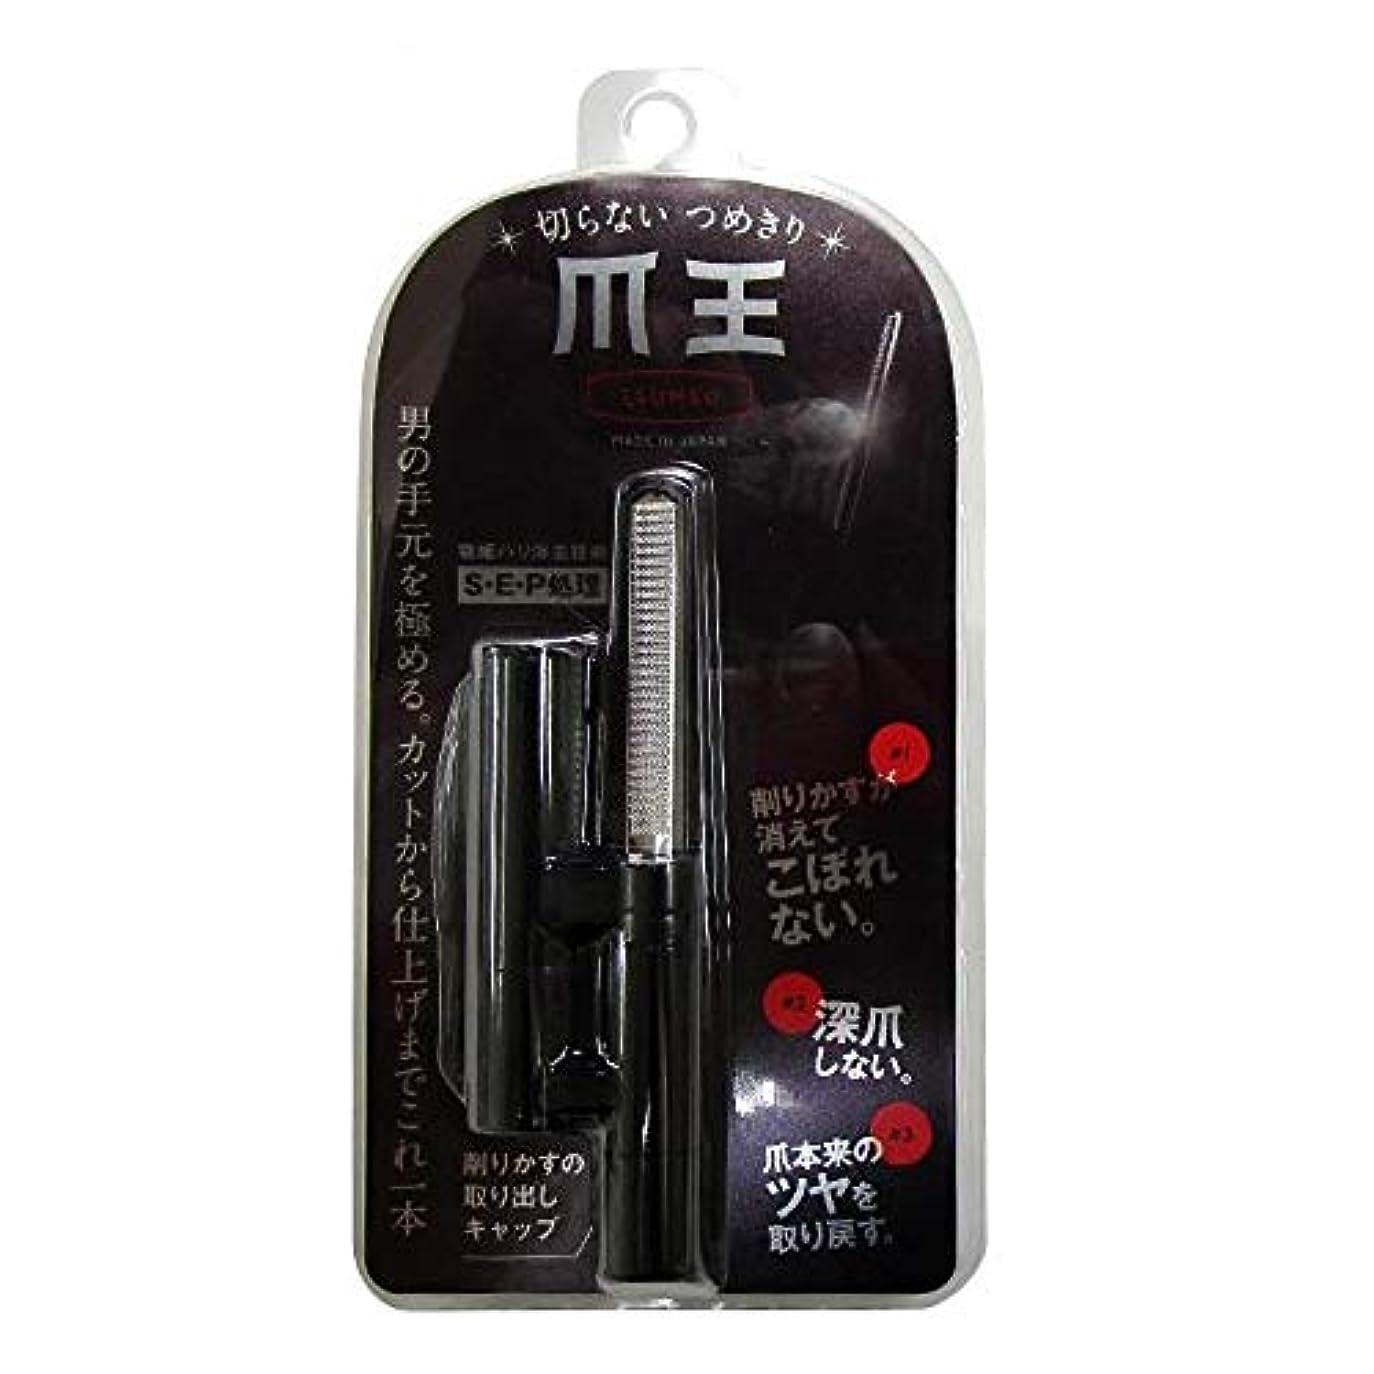 にぎやか金額耐えられない松本金型 爪削り 爪王 (TSUMEO) MM-125